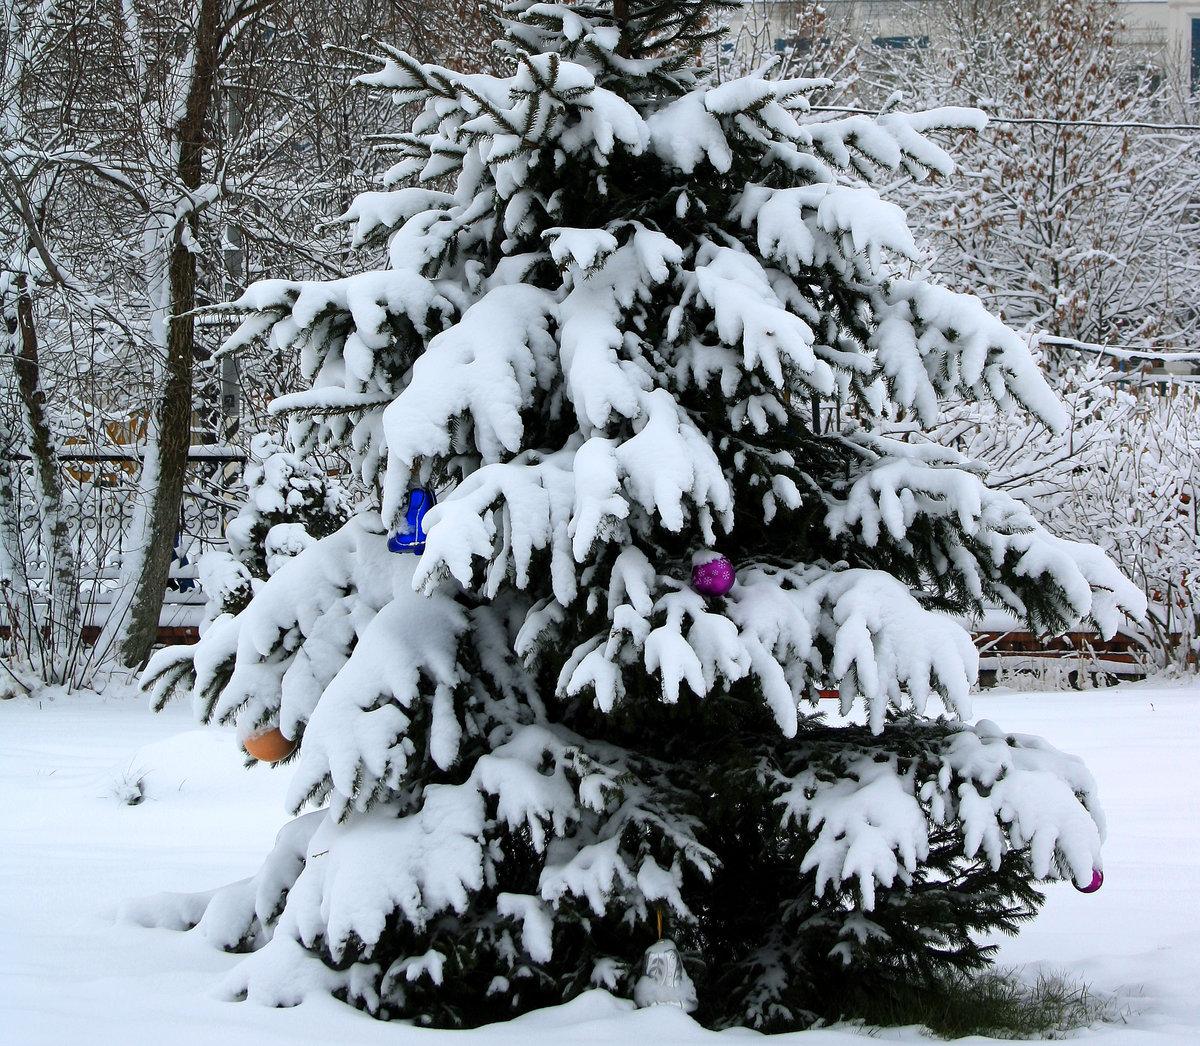 картинки елочек зимой рэя